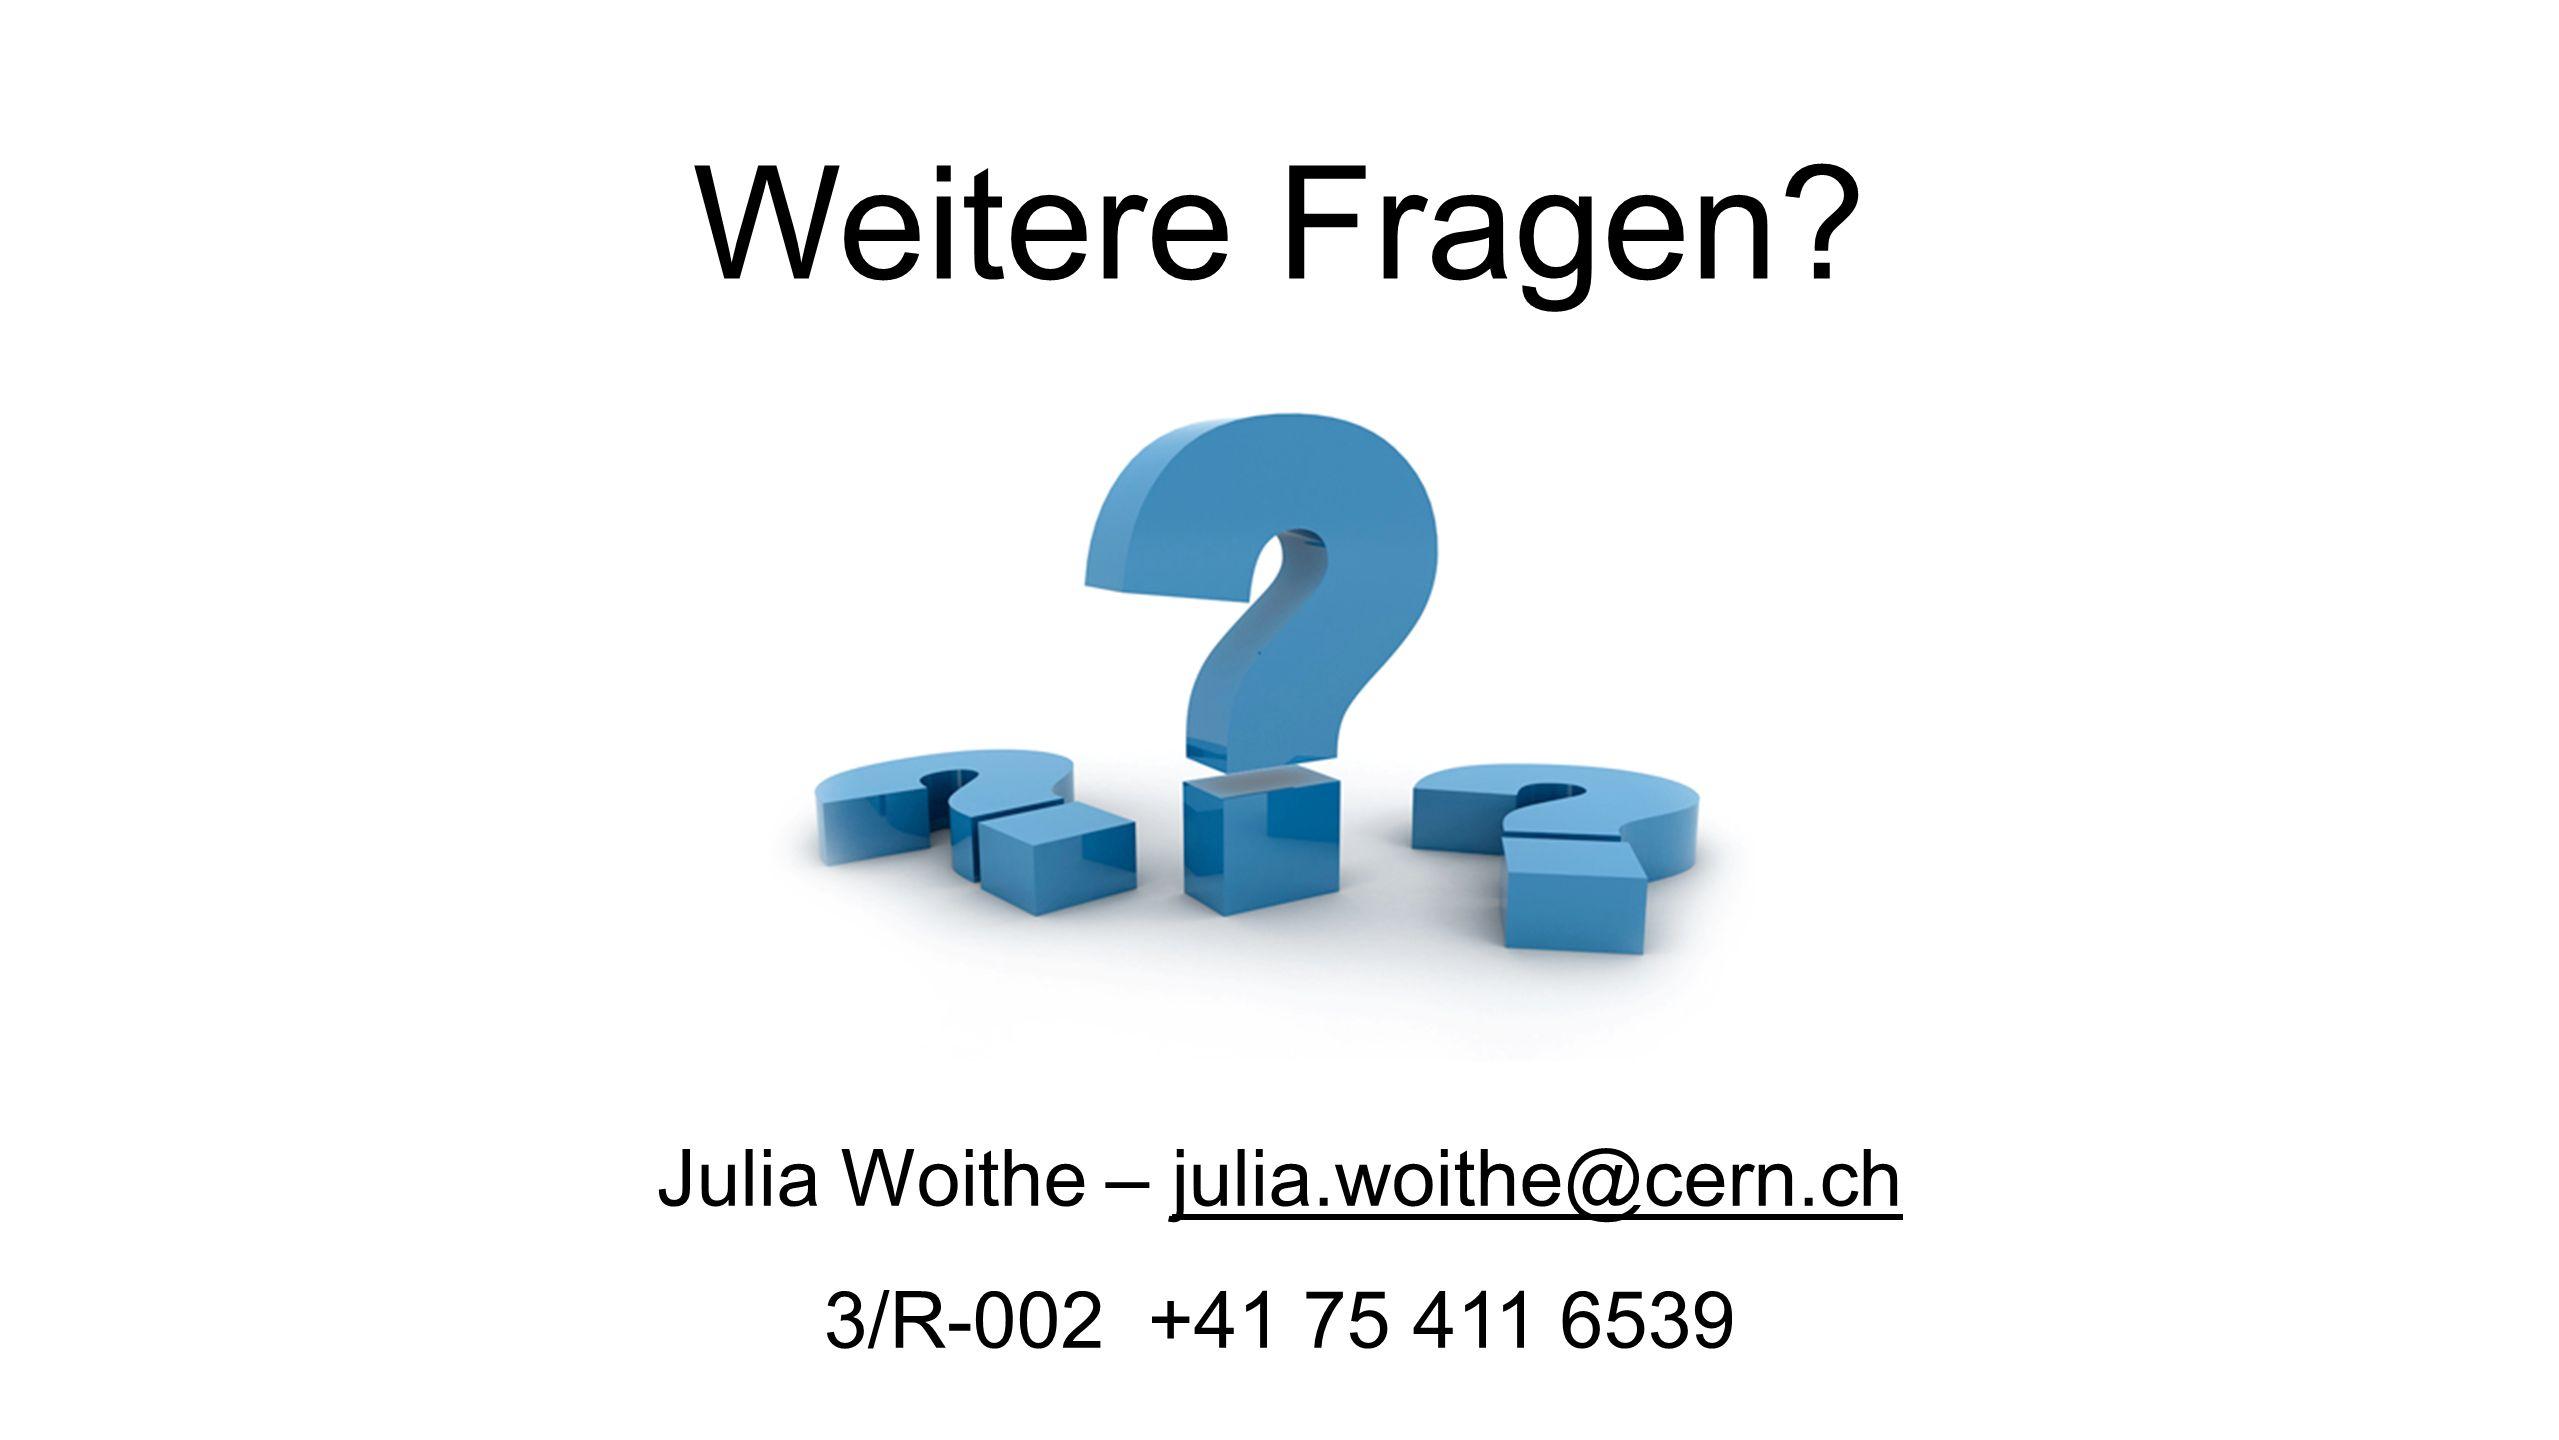 Weitere Fragen? Julia Woithe – julia.woithe@cern.ch 3/R-002 +41 75 411 6539 12